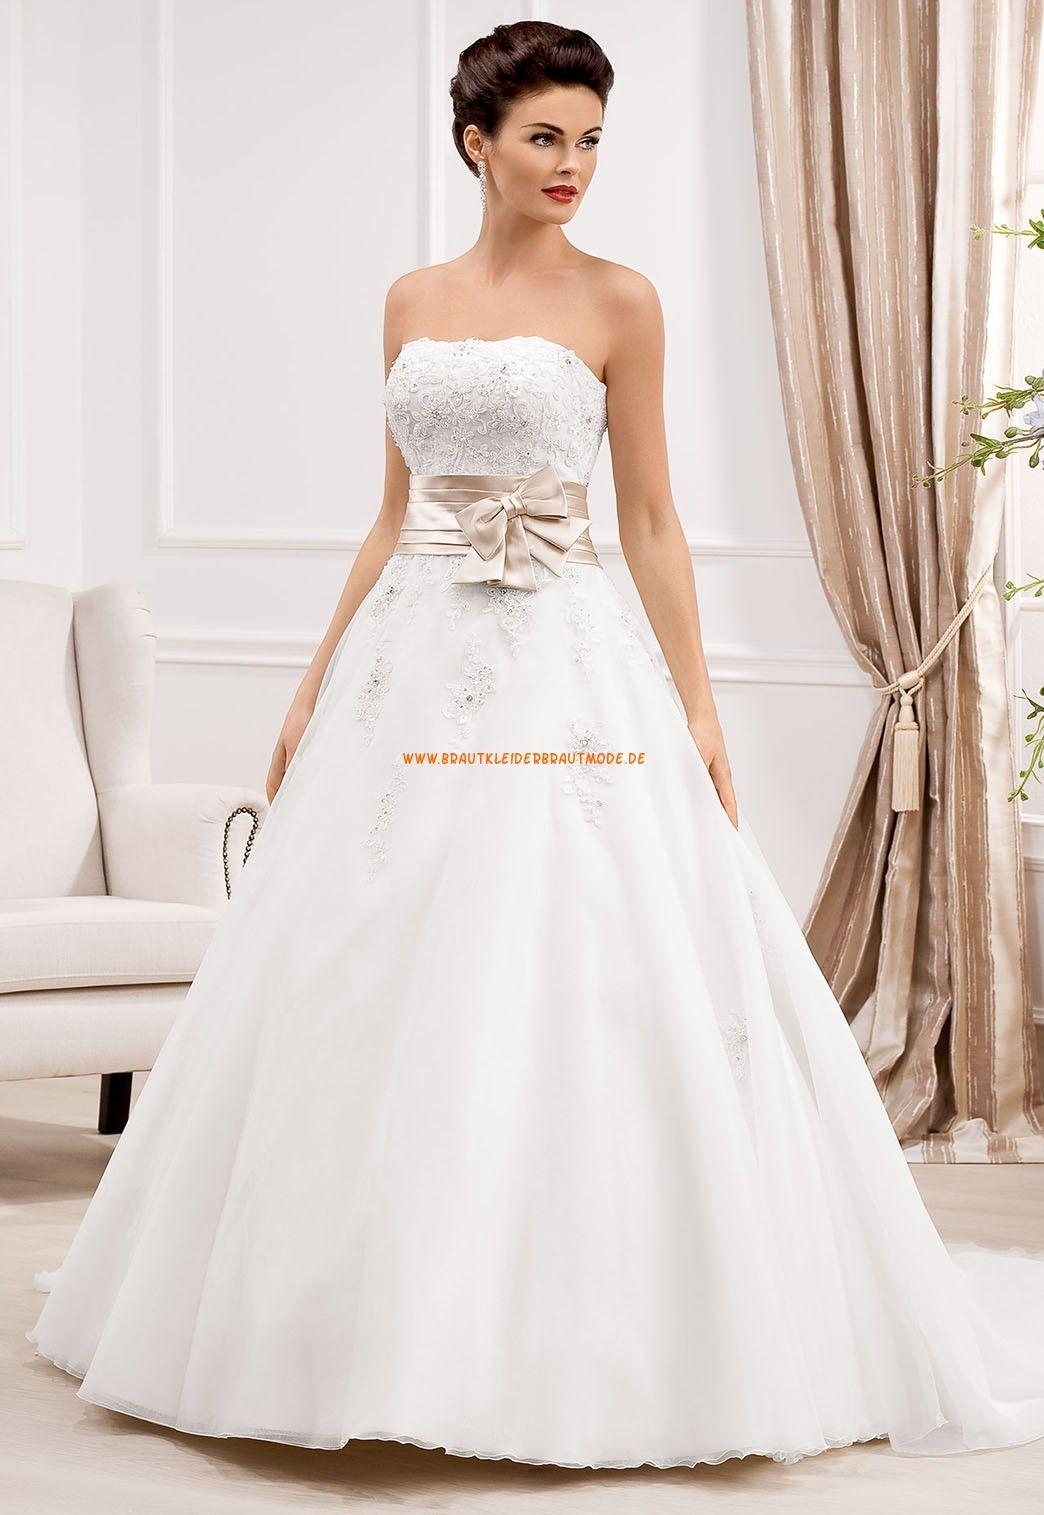 A-linie Designe Trägerlose Hochzeitskleider aus Organza  Wedding